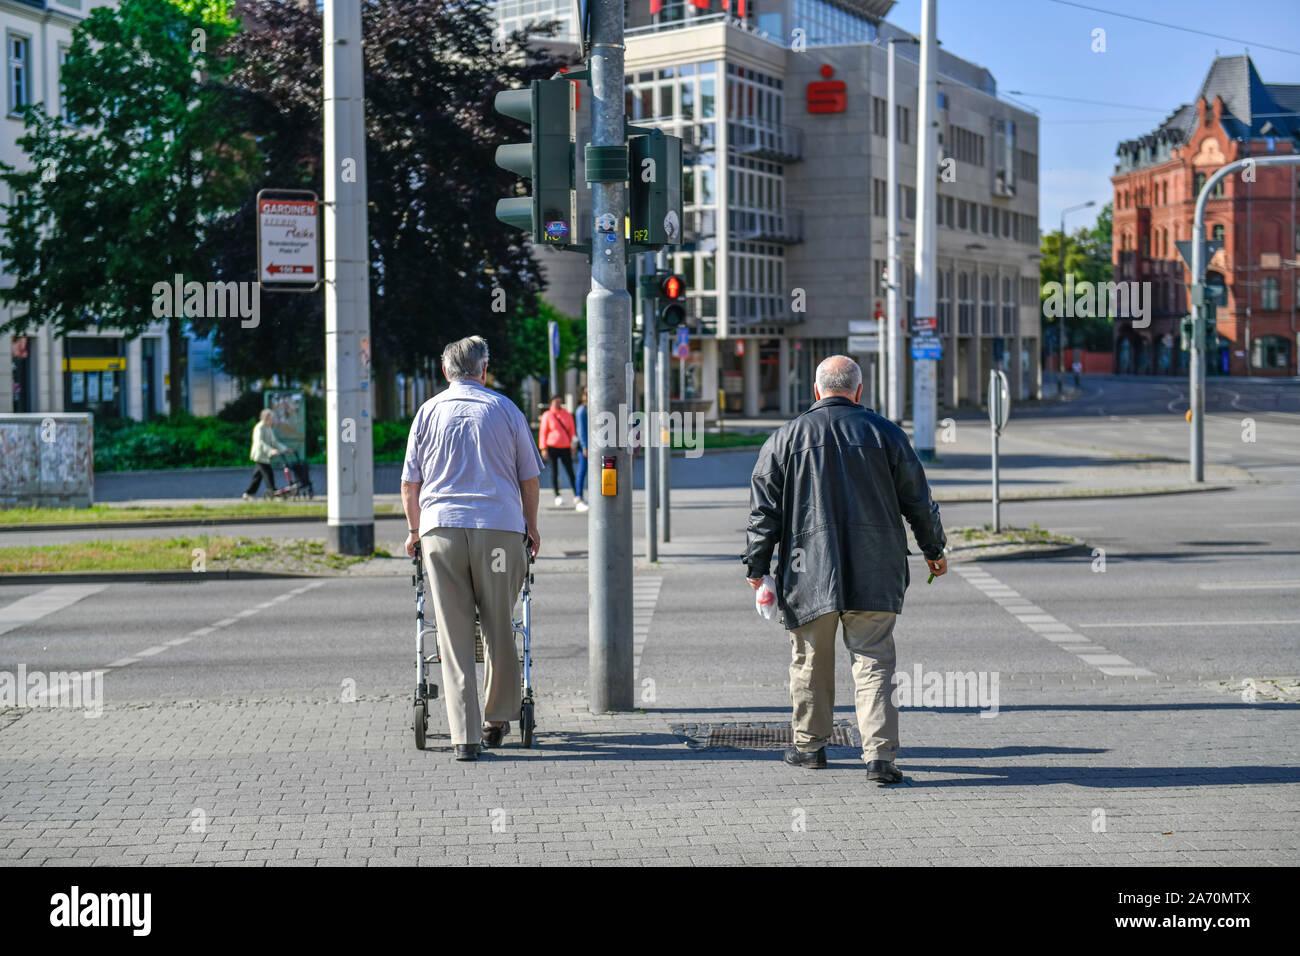 Fußgänger, Breitscheidplatz, Cottbus, Brandenburg, Deutschland Stock Photo